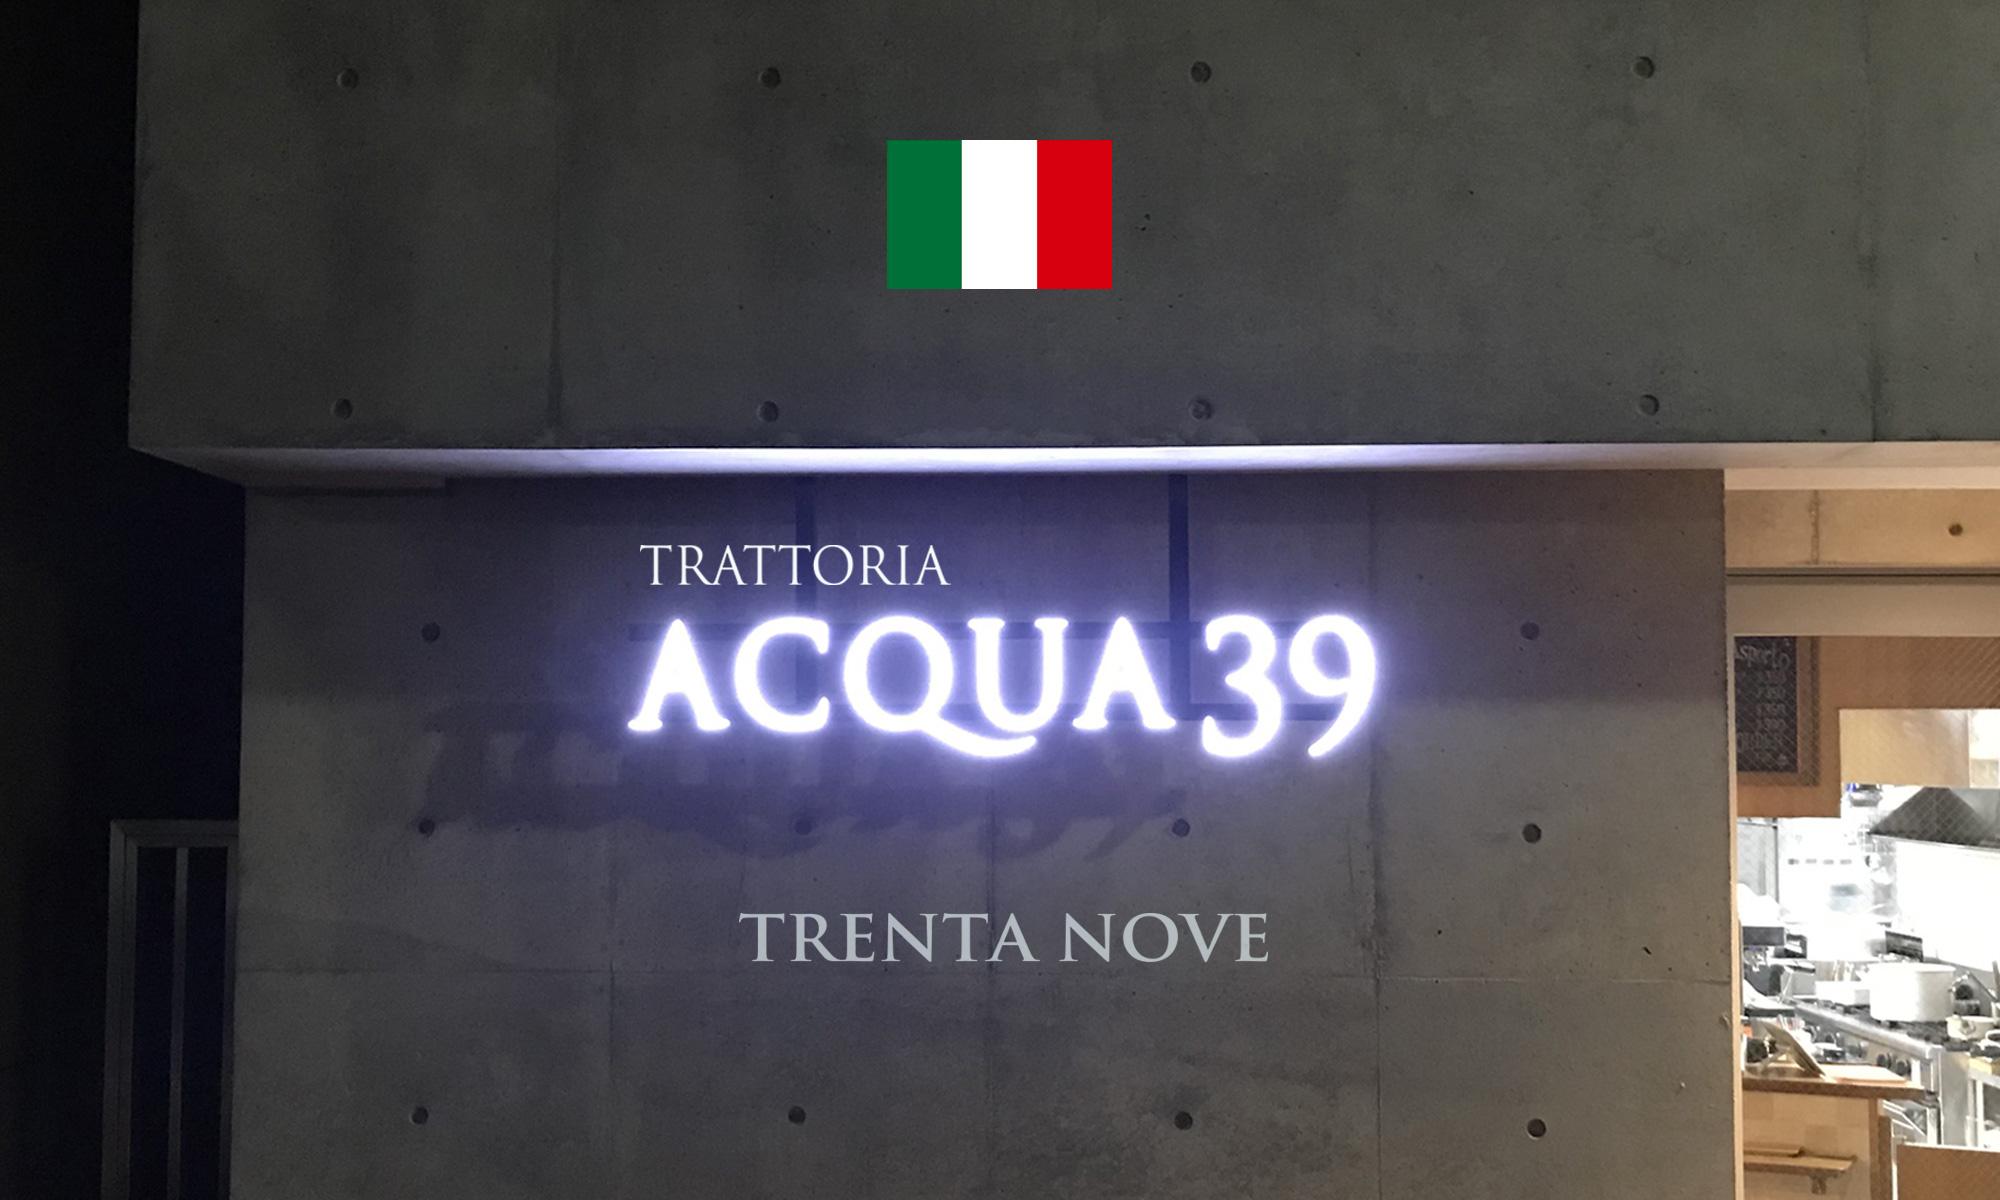 ACQUA 39